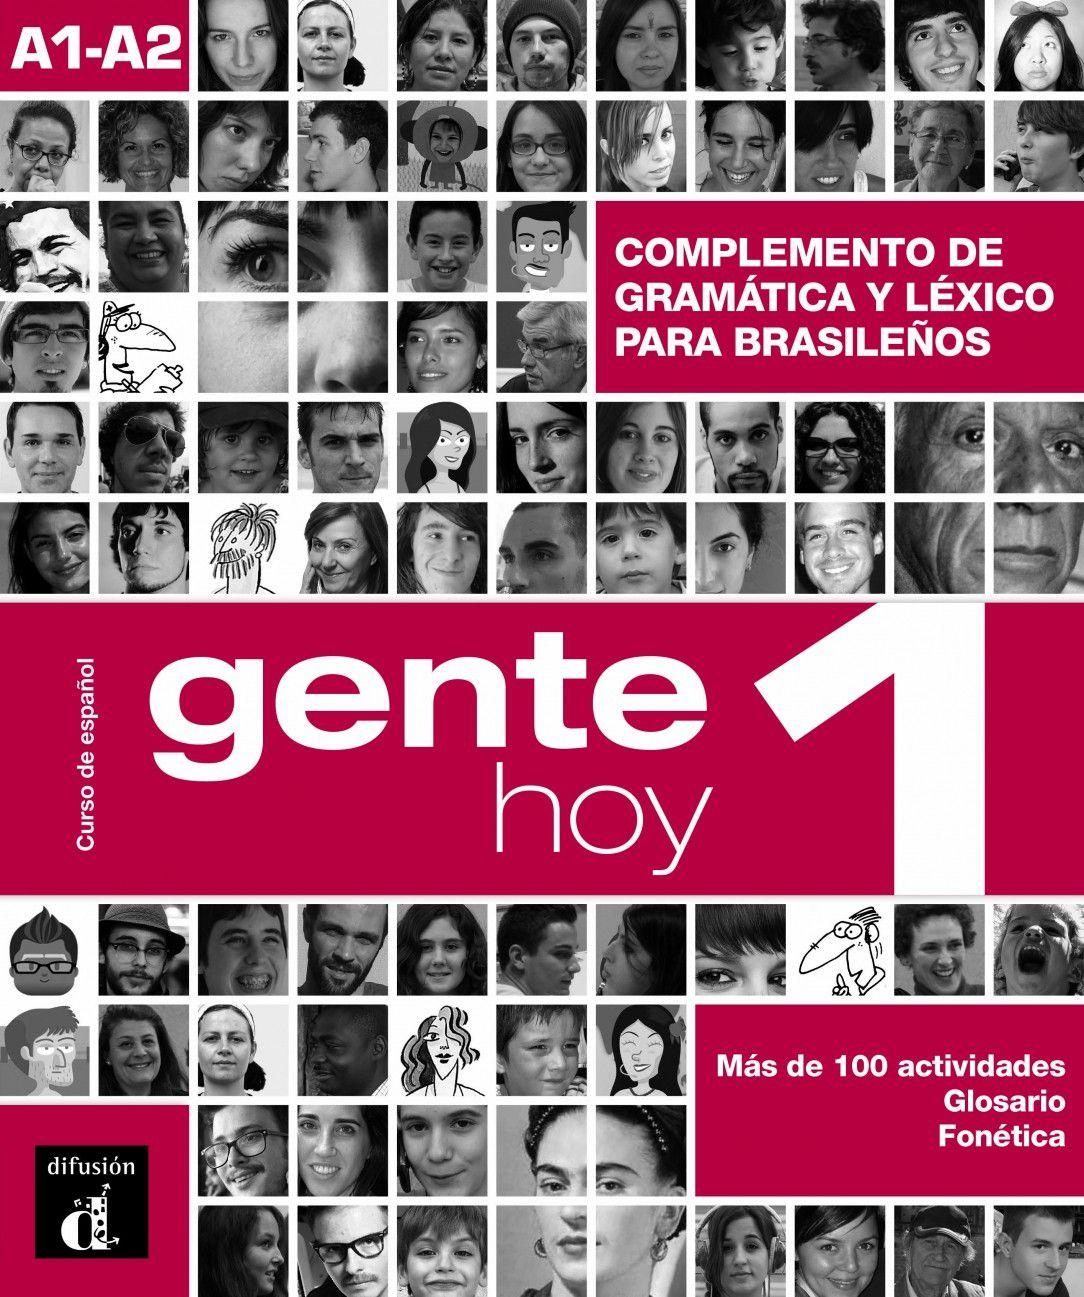 GENTE HOY 1 COMPLEMENTO DE GRAMATICA Y VOCABULARIO